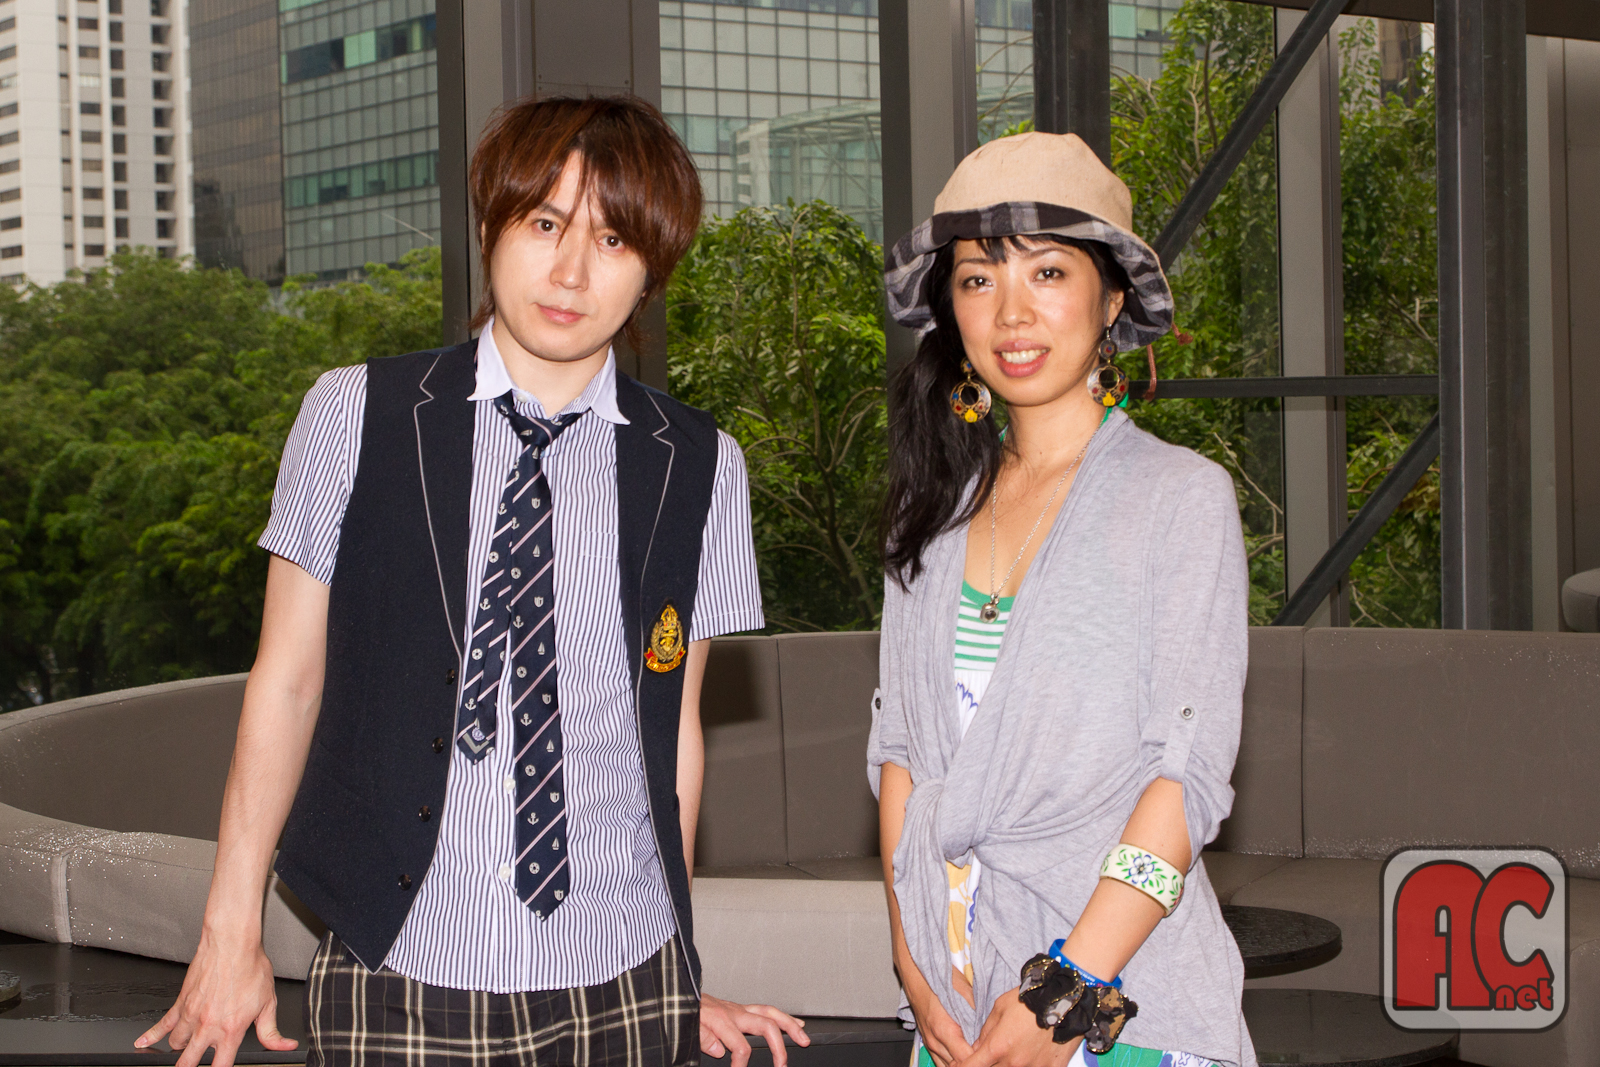 AFA11: Interview, Kanako Ito and Chiyomaru Shikura